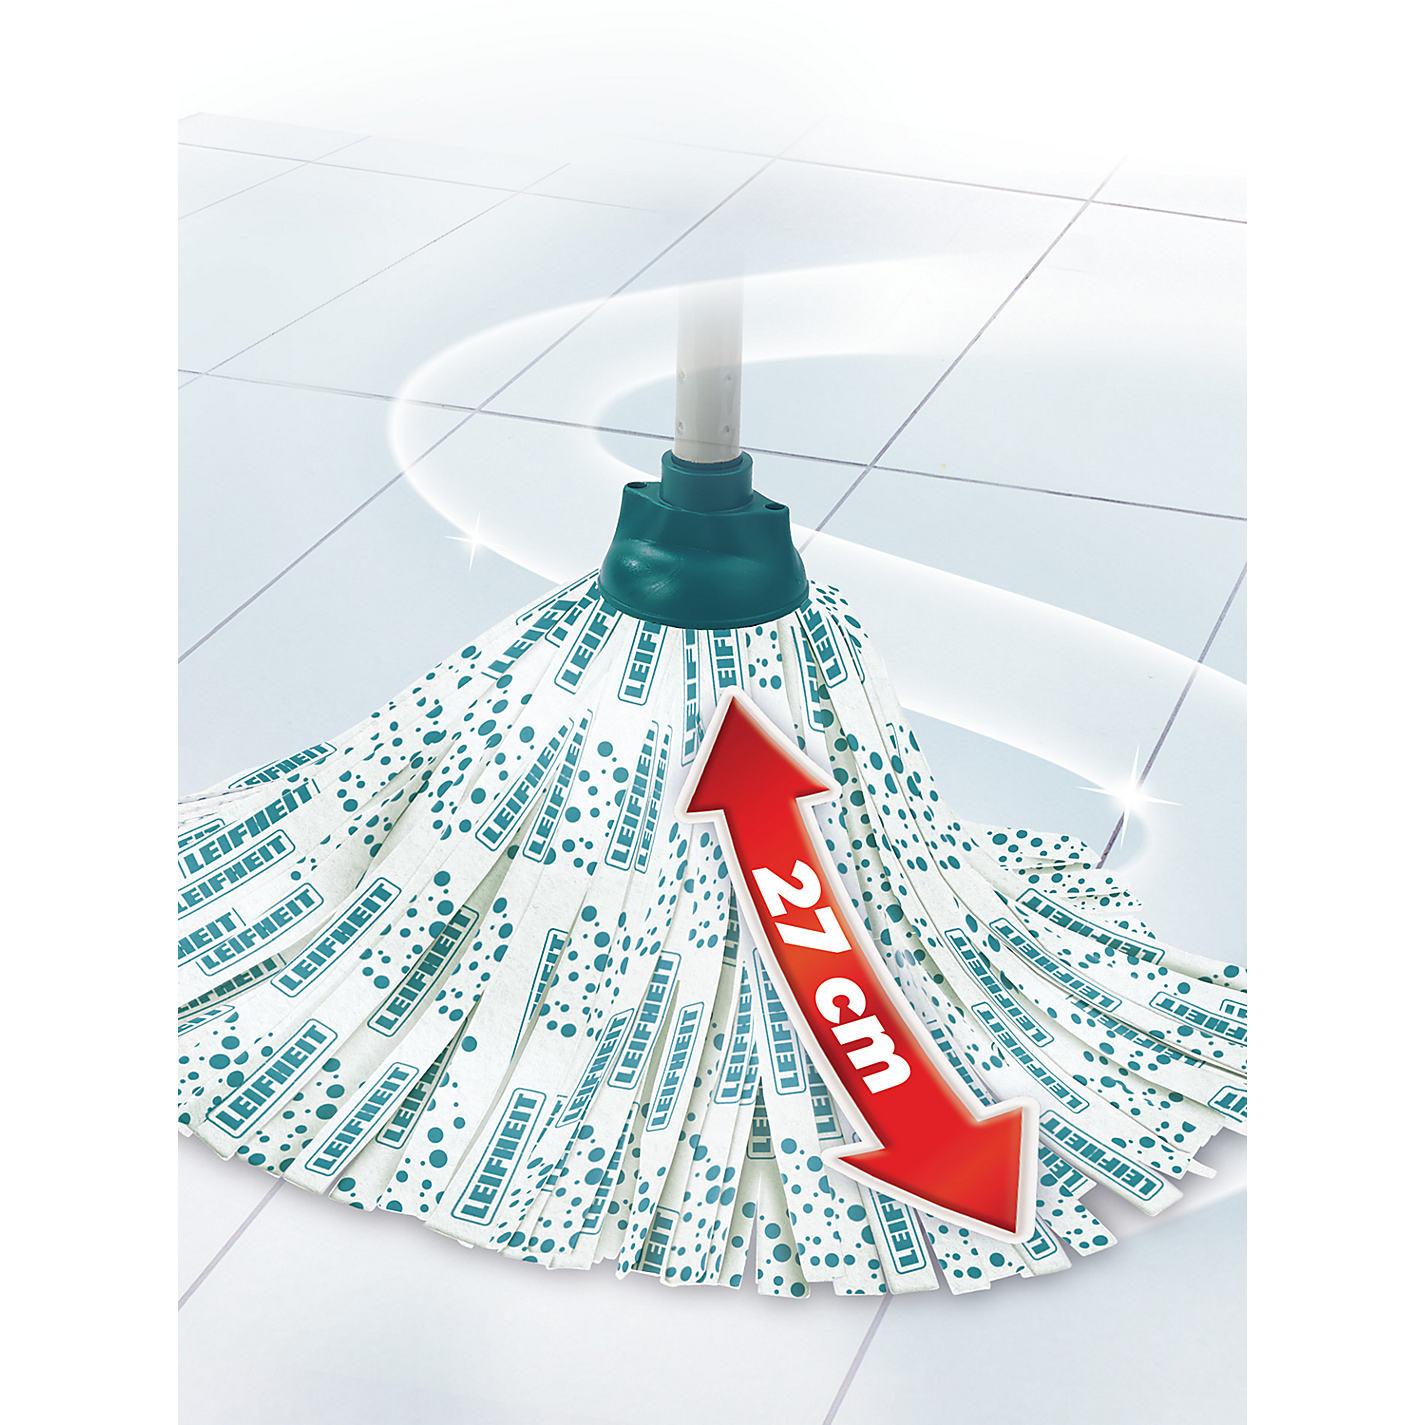 Leifheit. Leifheit Xtra Clean Plus Allround Broom With Leifheit ...